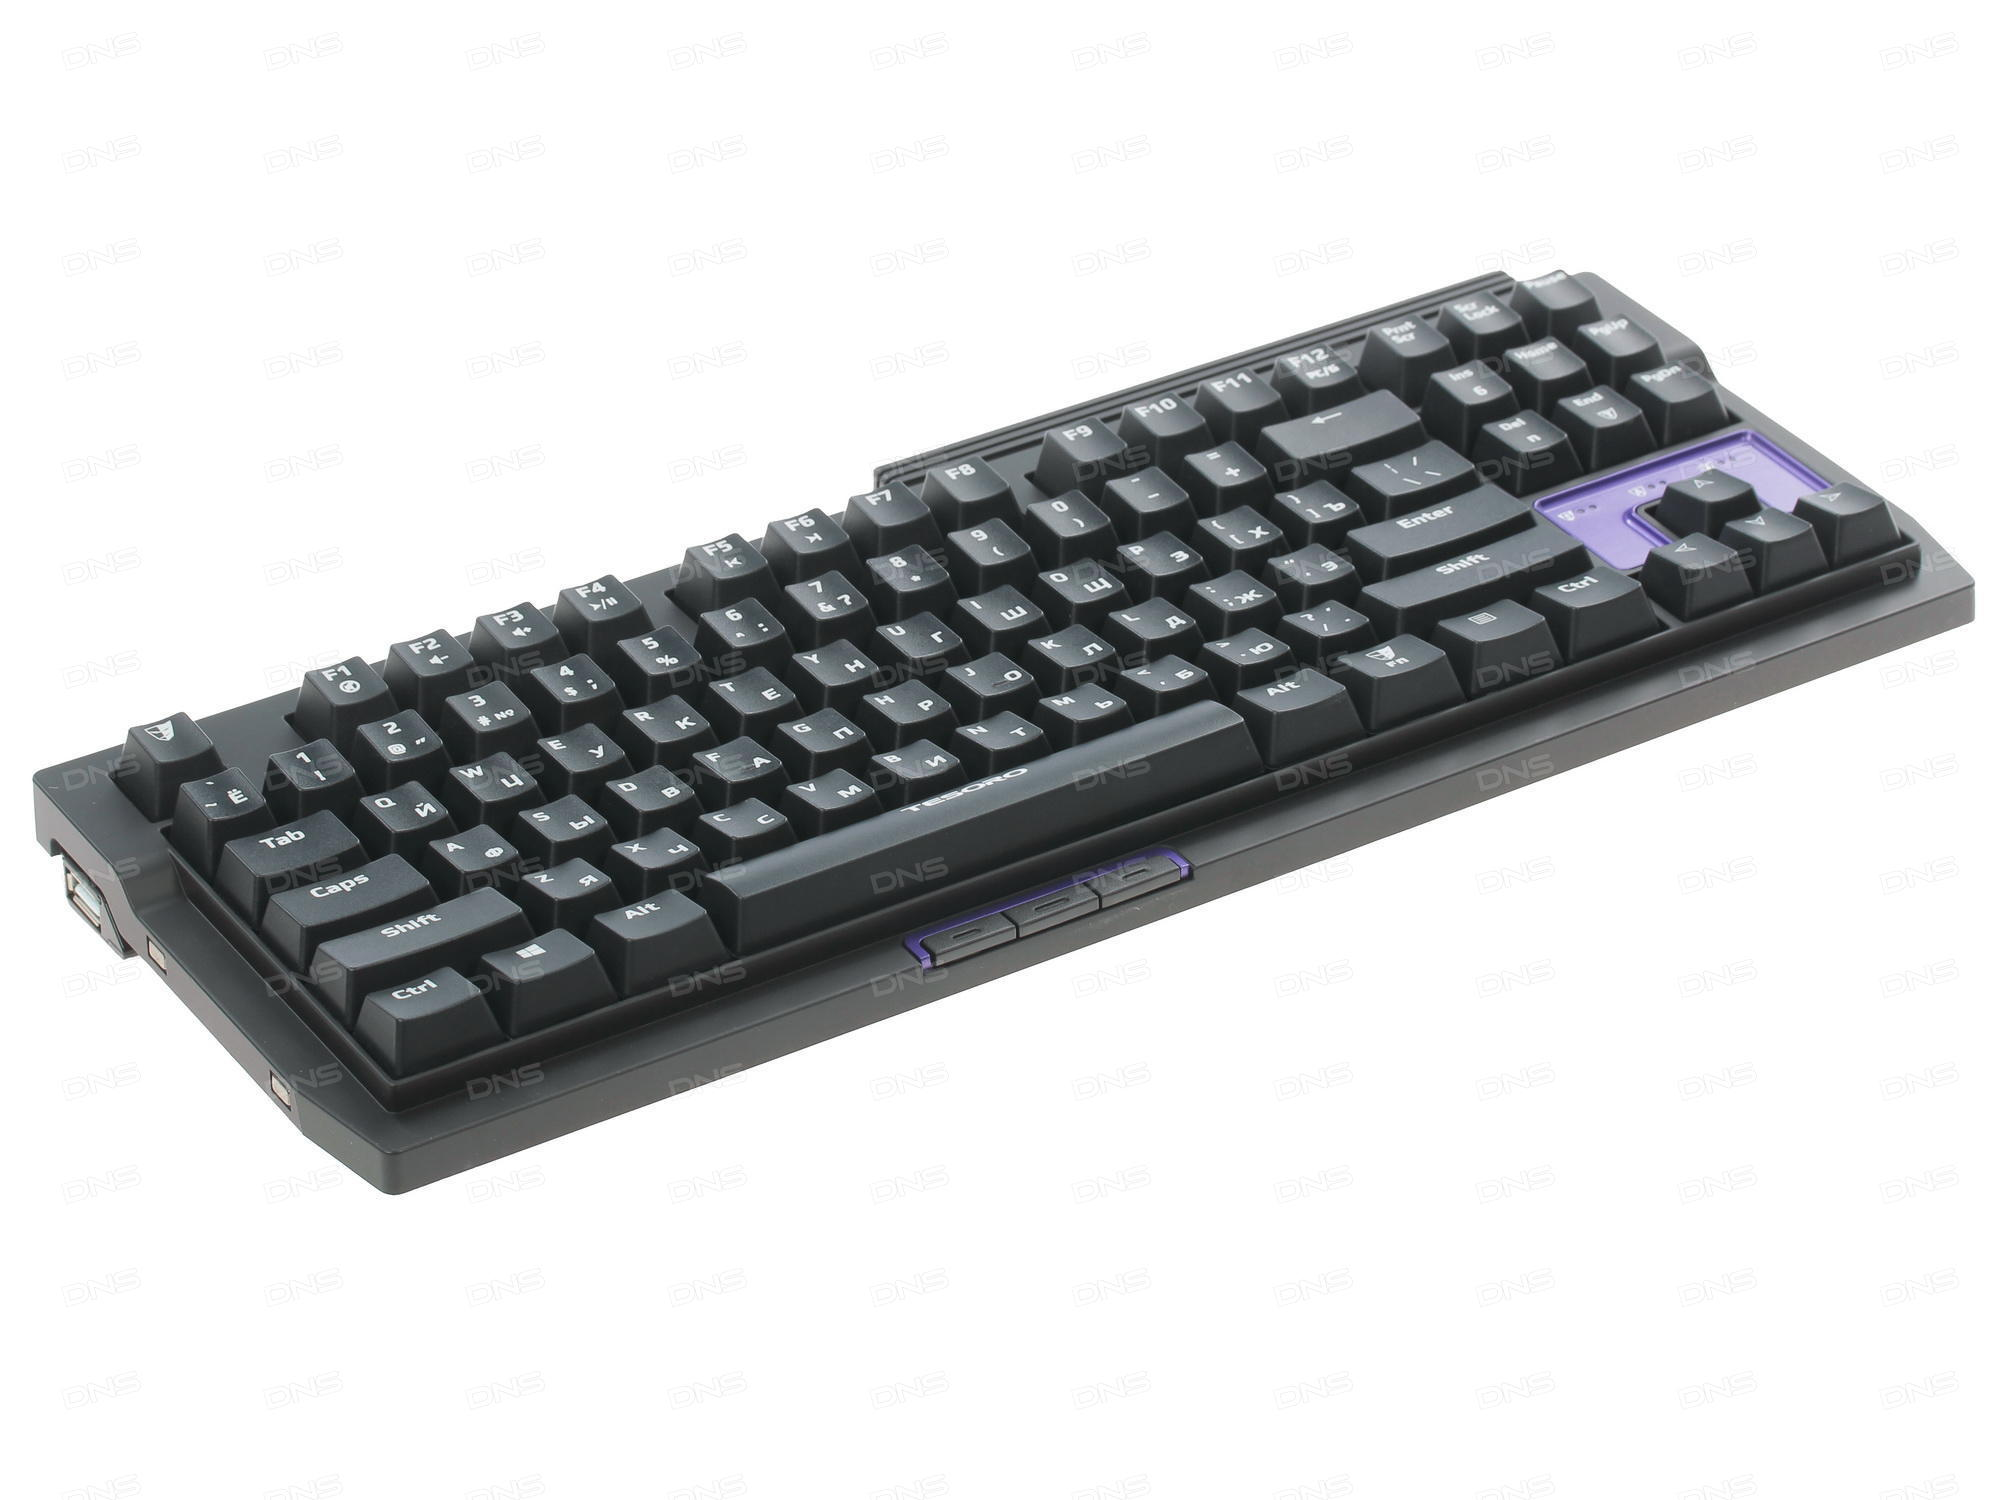 Клавиатура Tesoro Excalibur Spectrum Blue TS-G7SFL